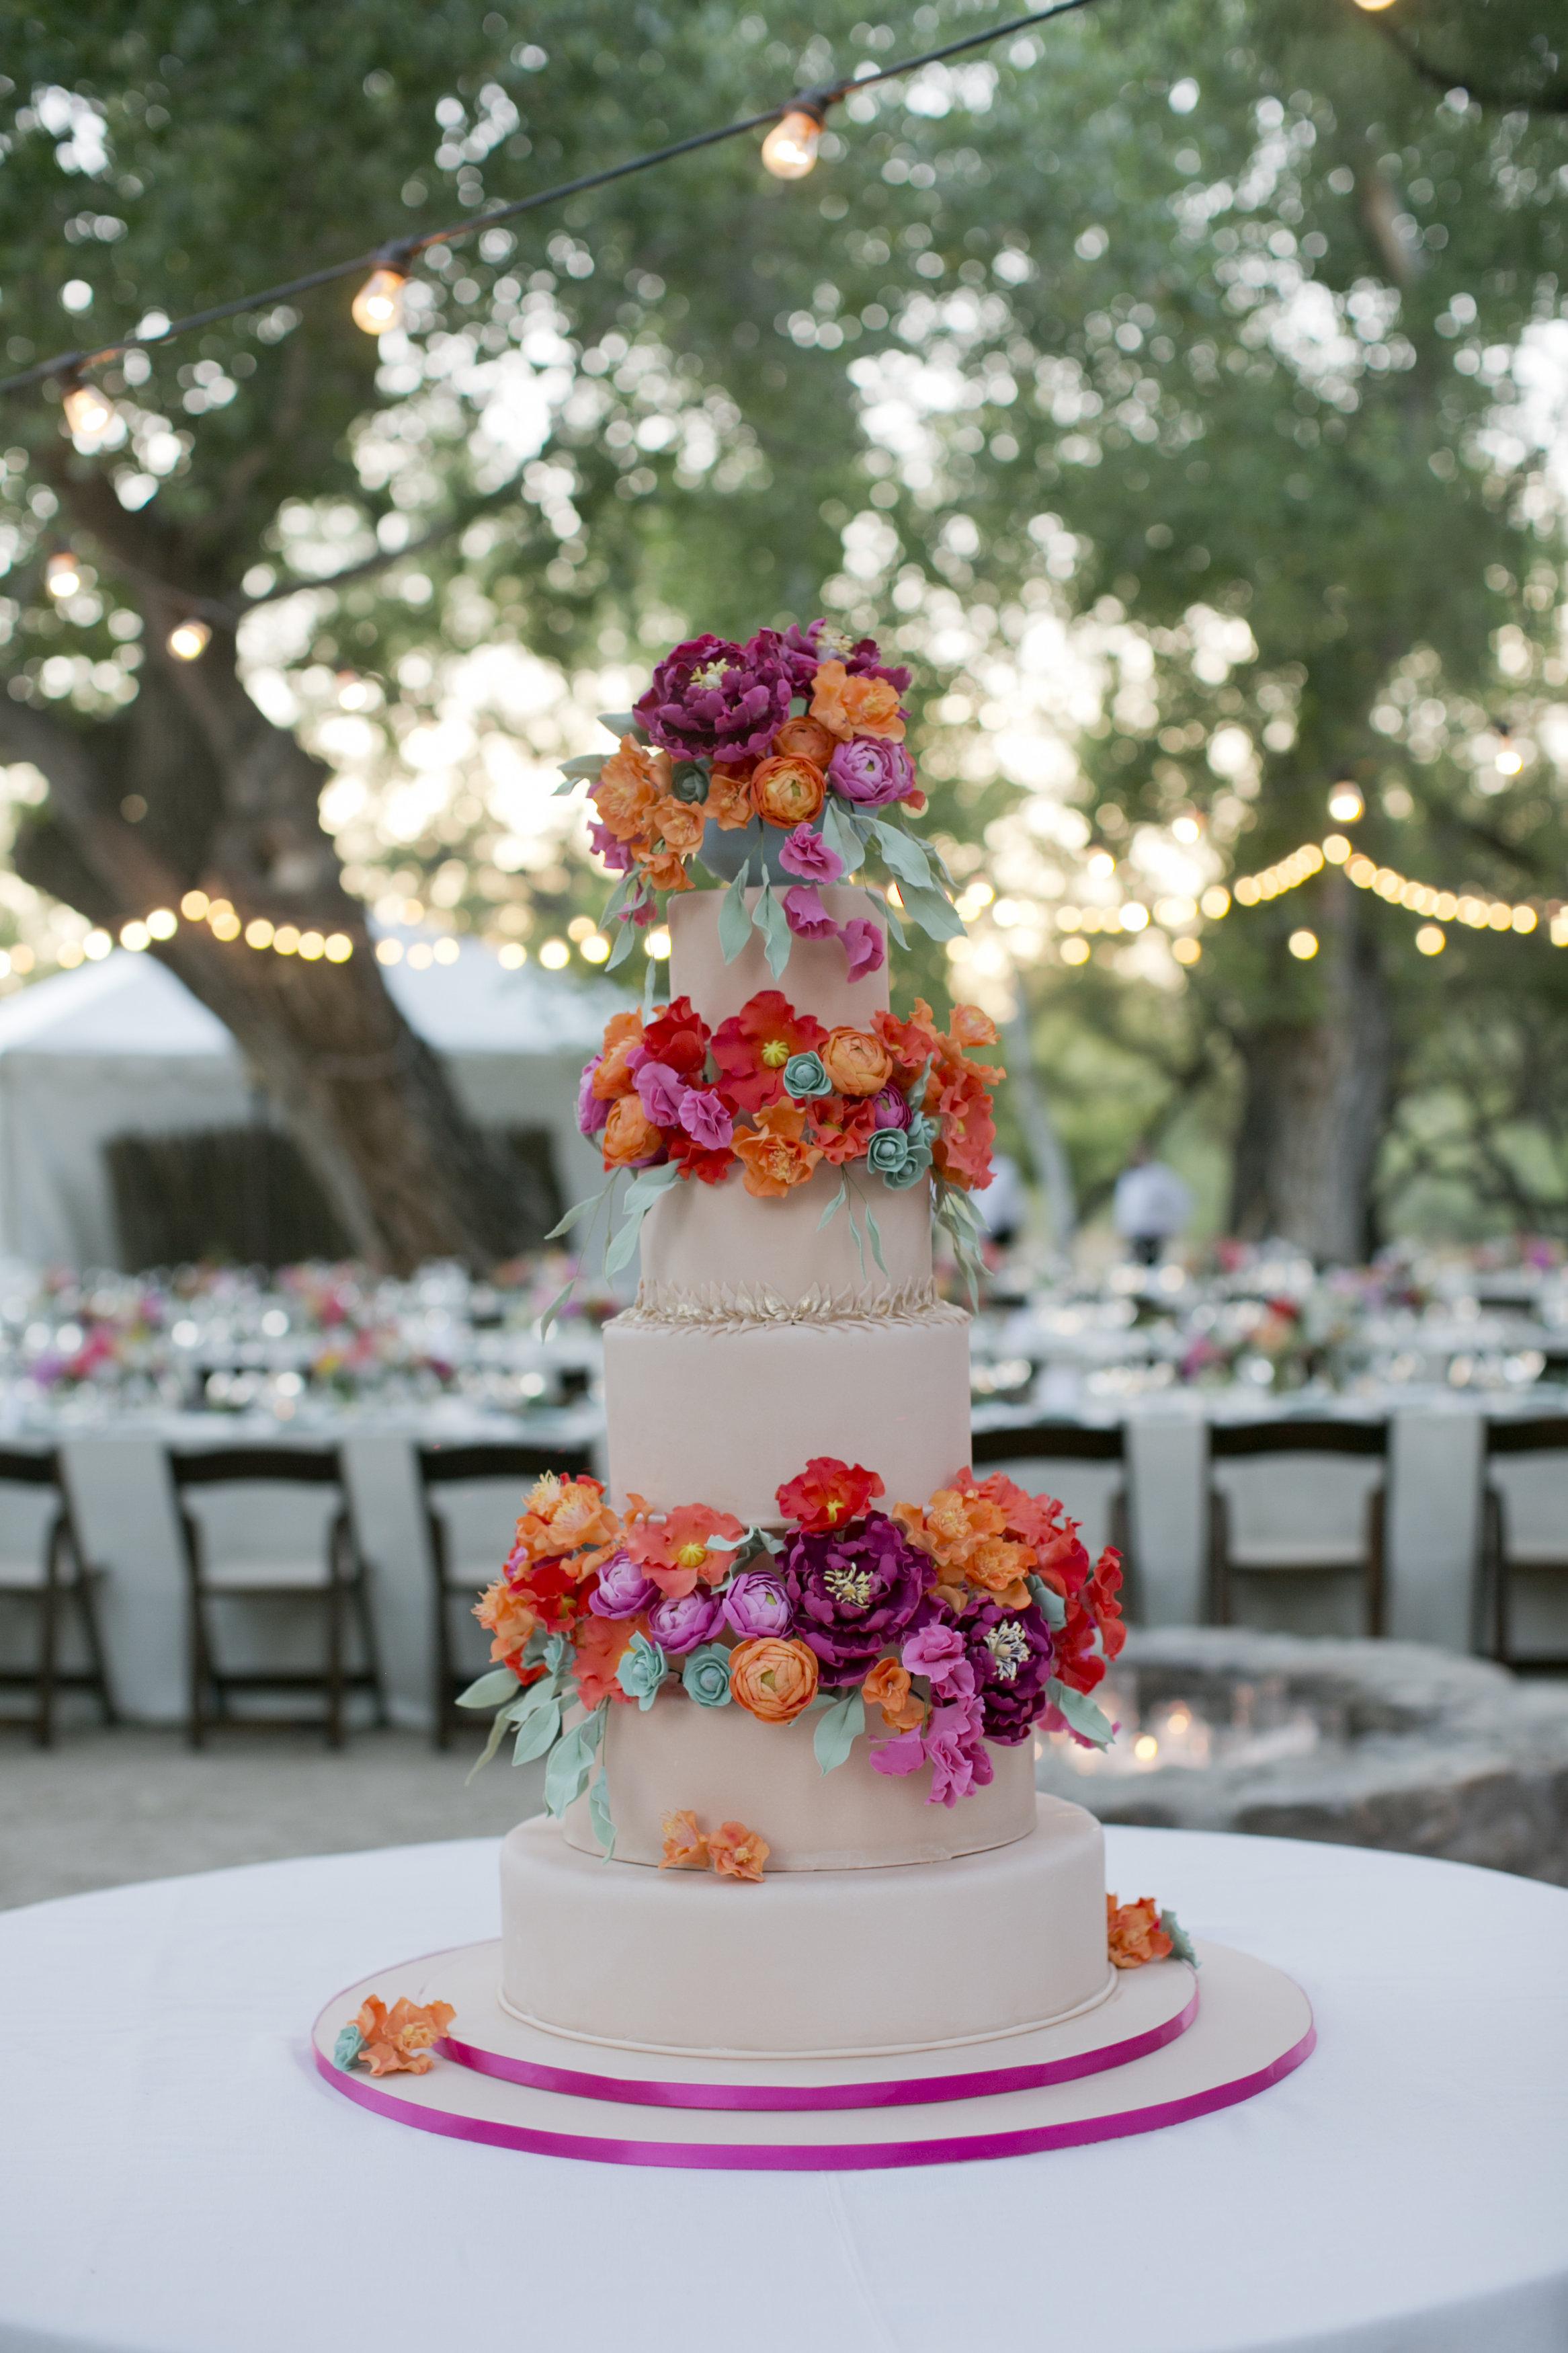 Ceci_New_York_Ceci_Style_Ceci_Johnson_Luxury_Lifestyle_Arizona_Wedding_Watercolor_Inspiration_Design_Custom_Couture_Personalized_Invitations_143.jpg